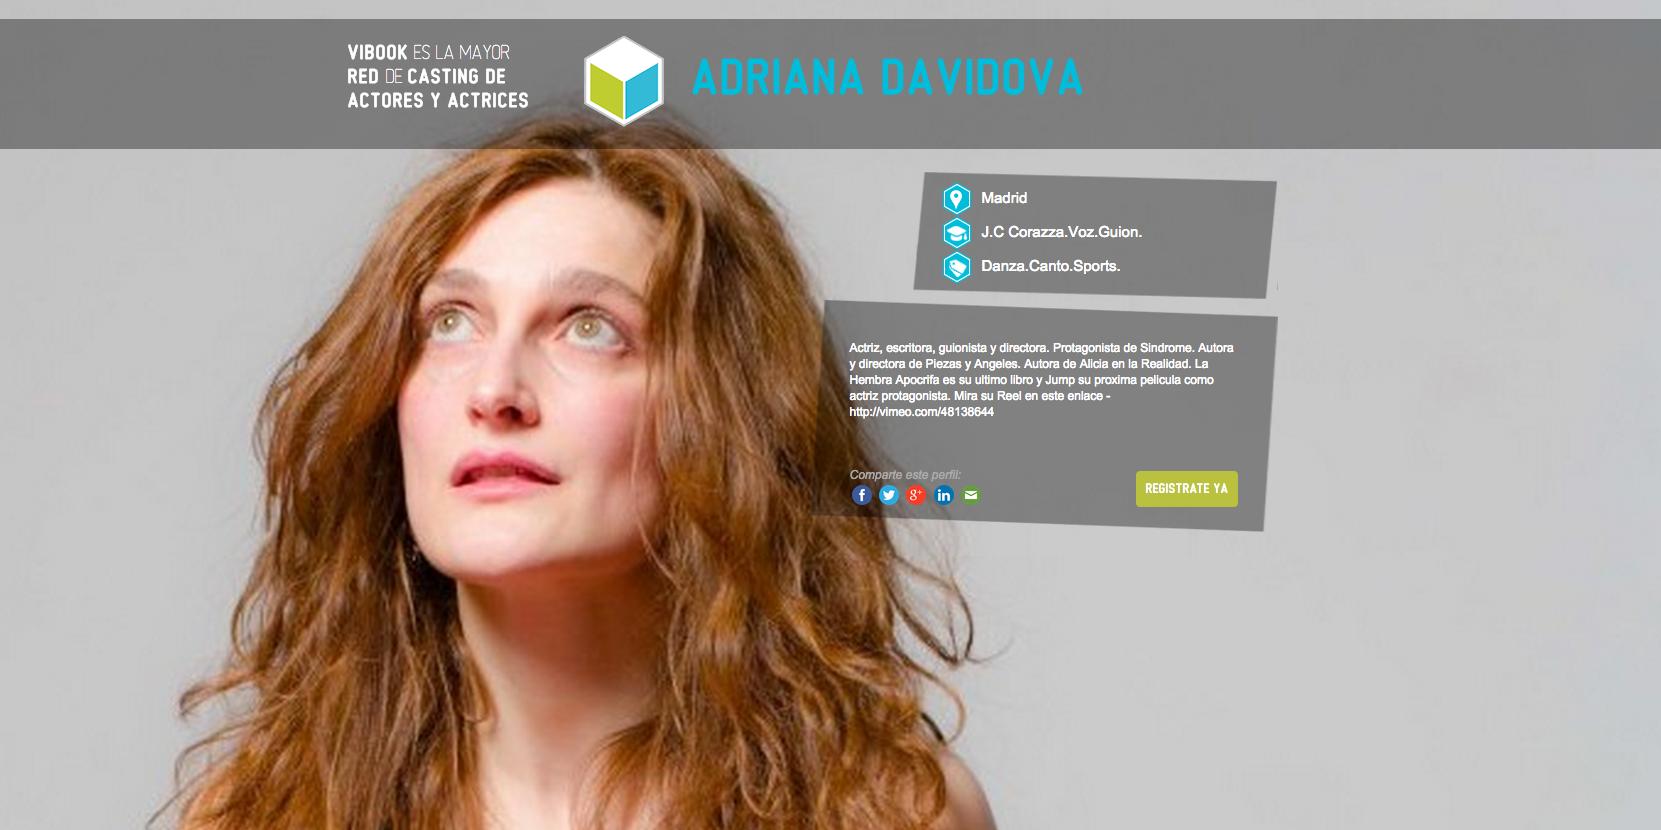 Adriana Davidova